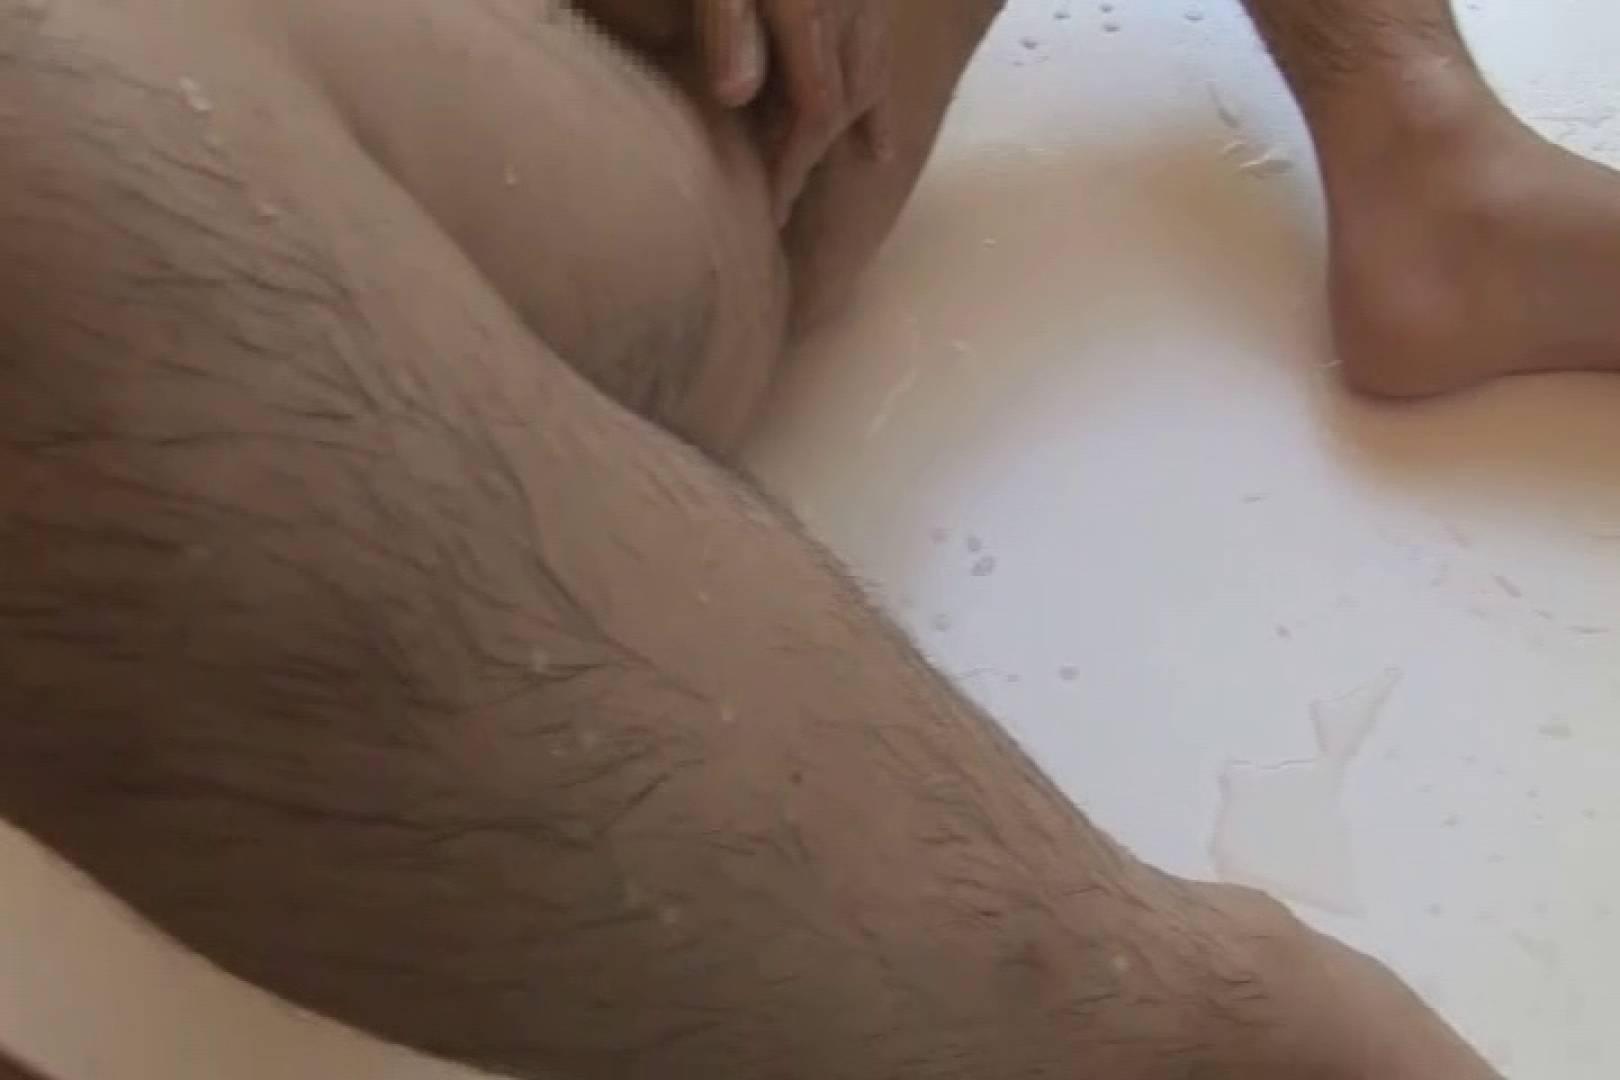 暴れん棒!!雄穴を狙え!! vol.02 大人の玩具 | ディープキス ゲイアダルトビデオ画像 71pic 46